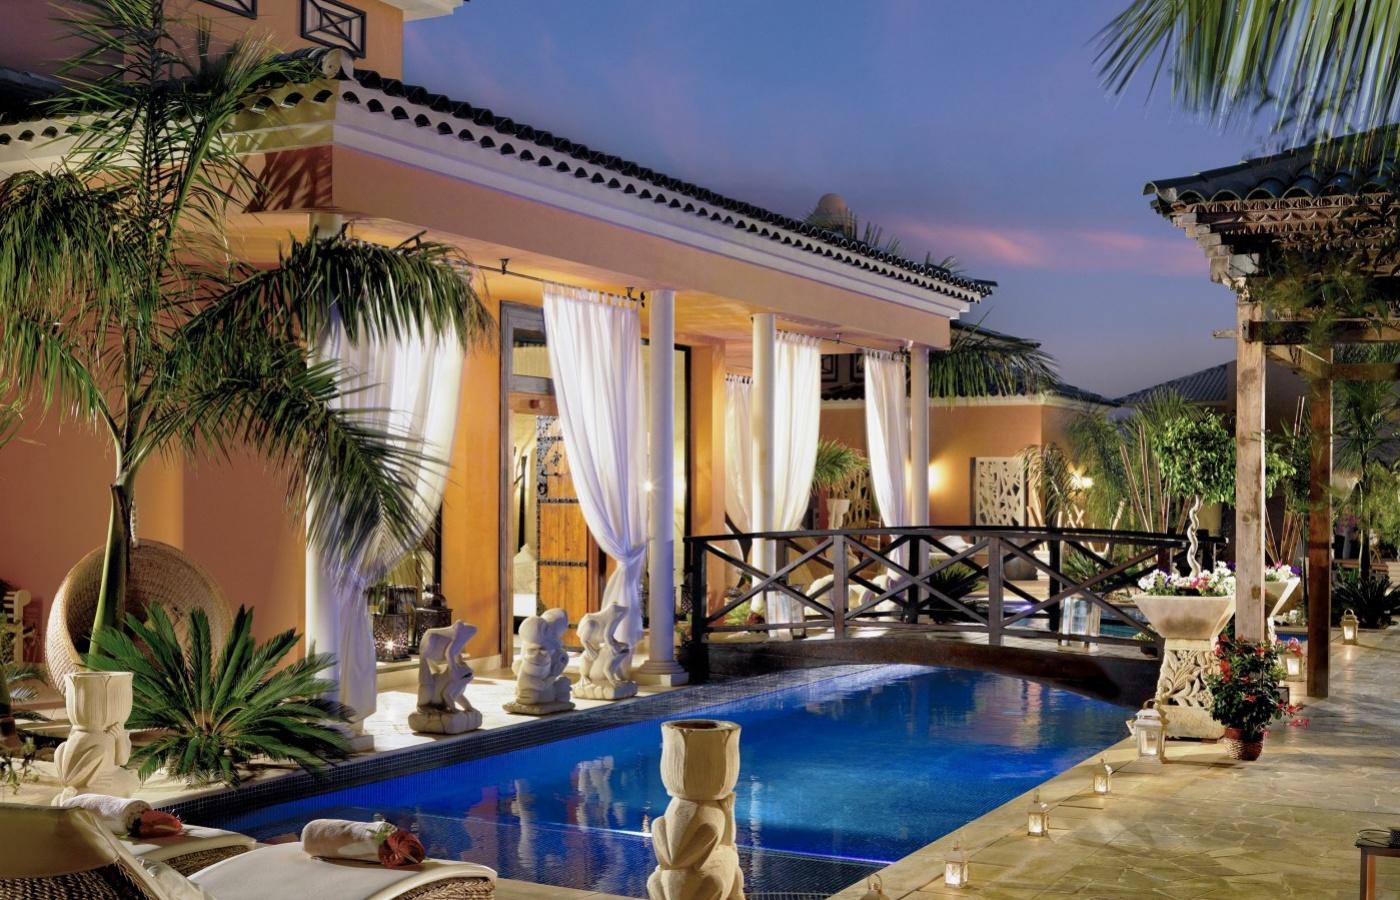 royal garden villas - costa adeje tenerife